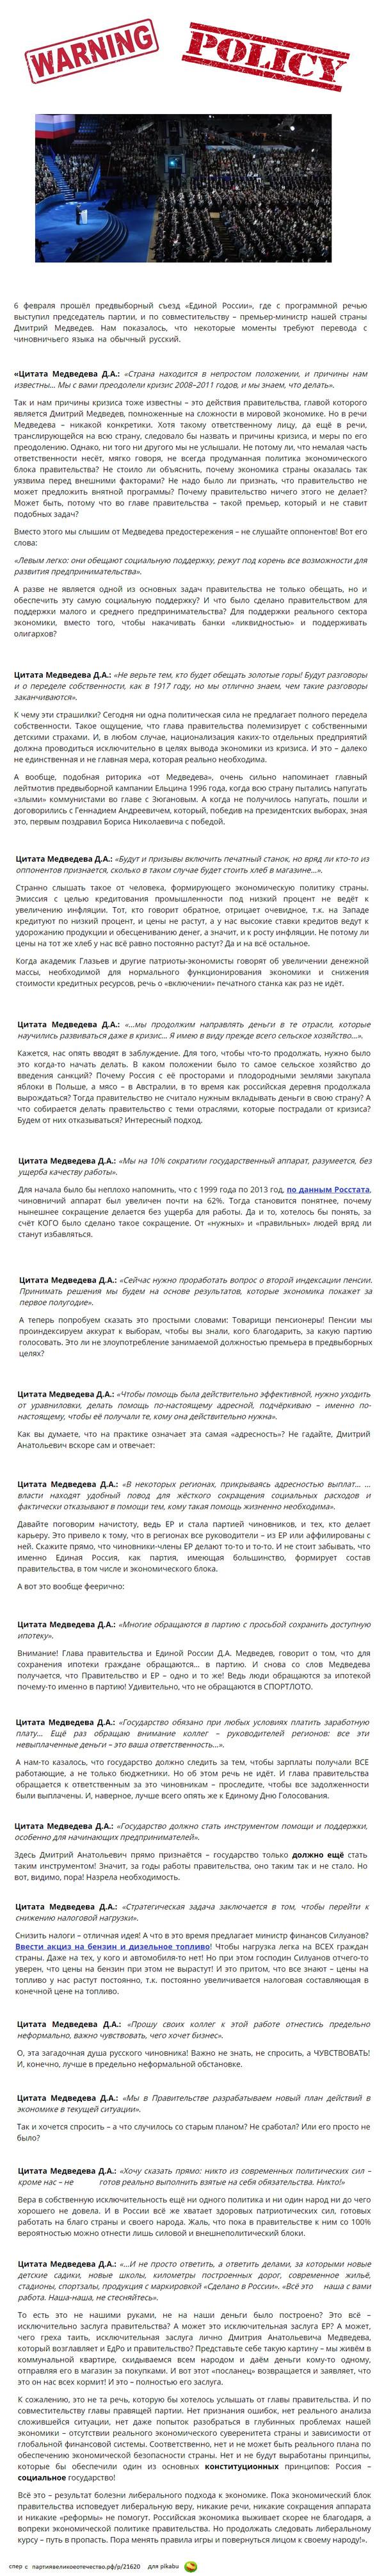 Речь Медведева. Перевод на Русский Политика, Дмитрий Медведев, Пво, Единая россия, Длиннопост